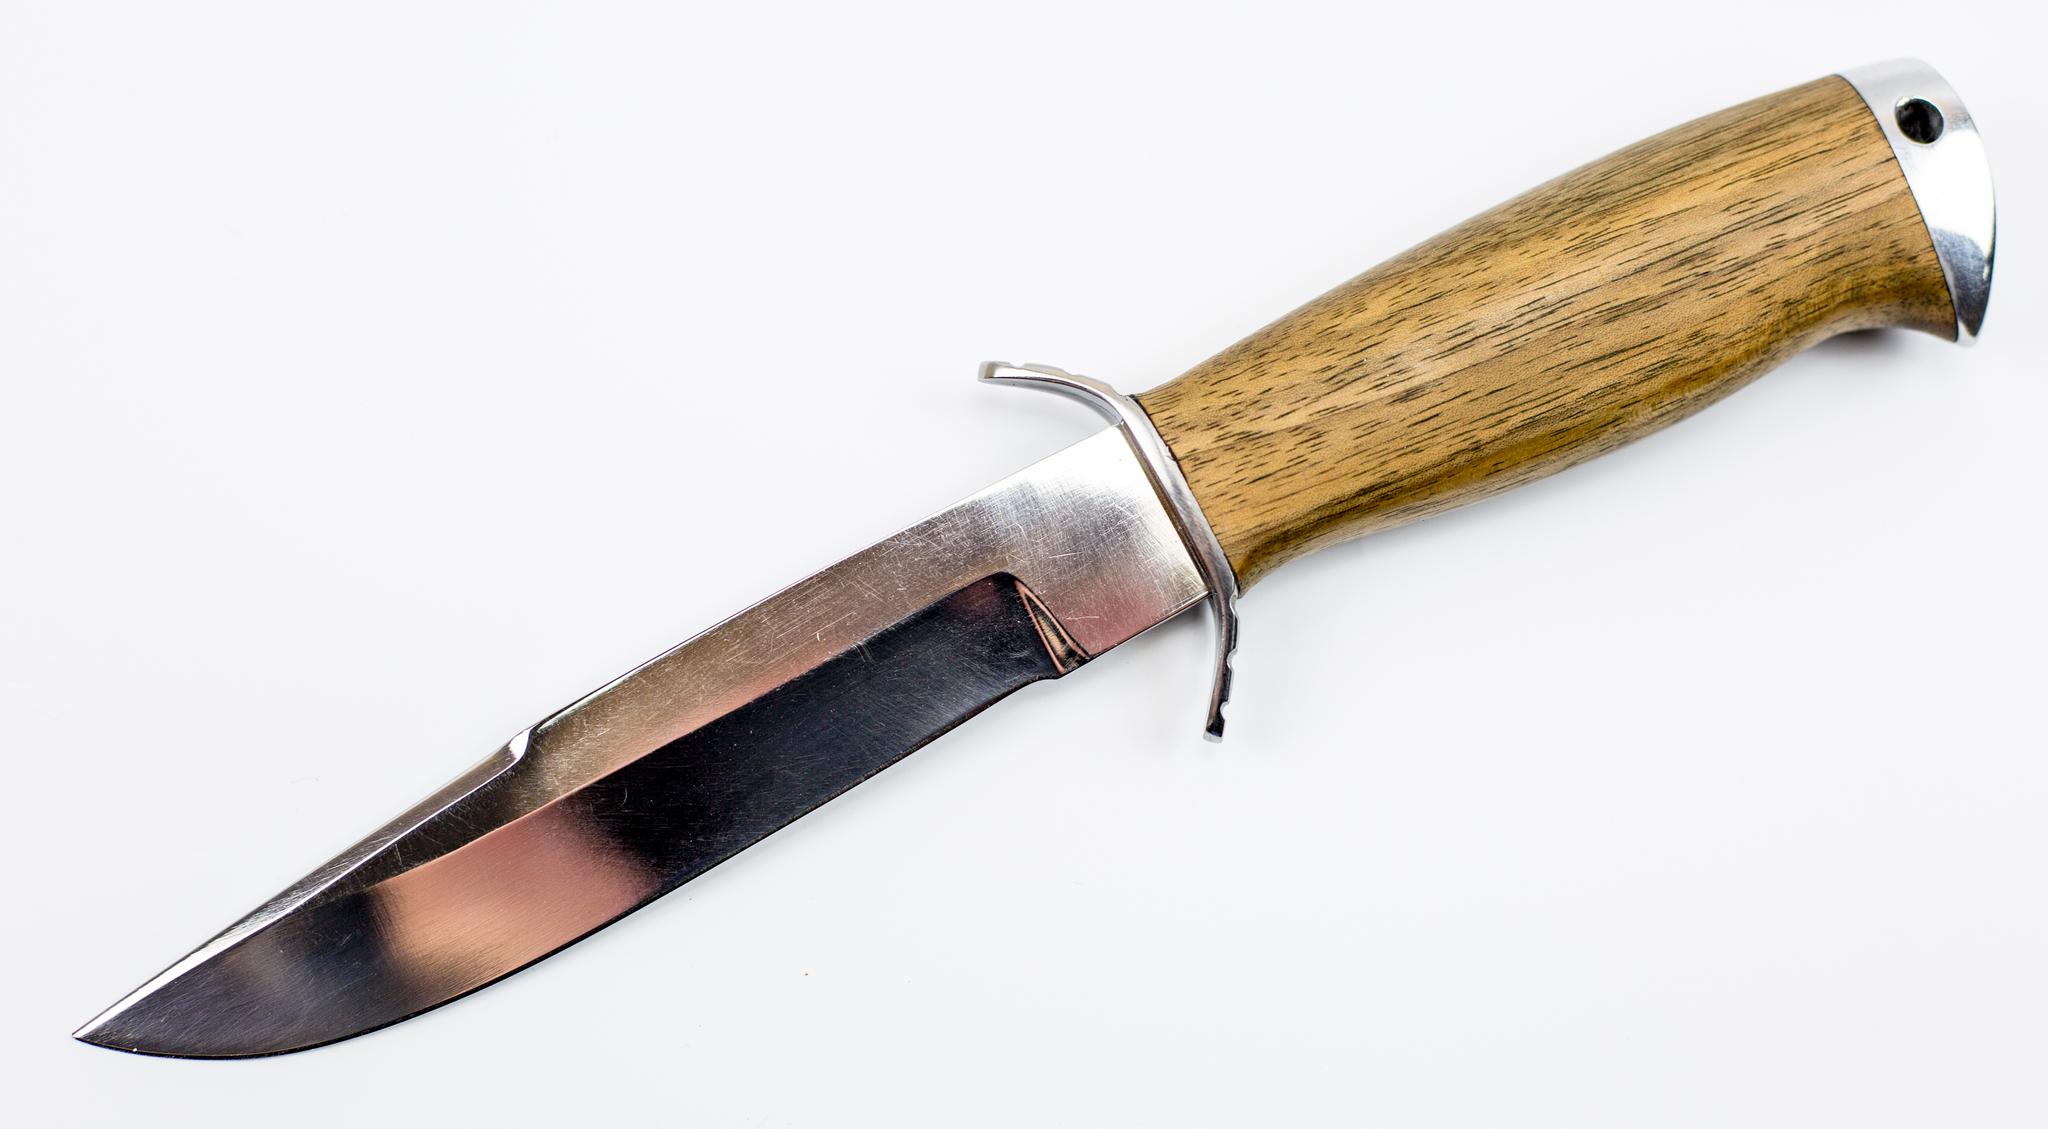 Купить Нож Смерч-2, 65Х13 от Павловские ножи в России